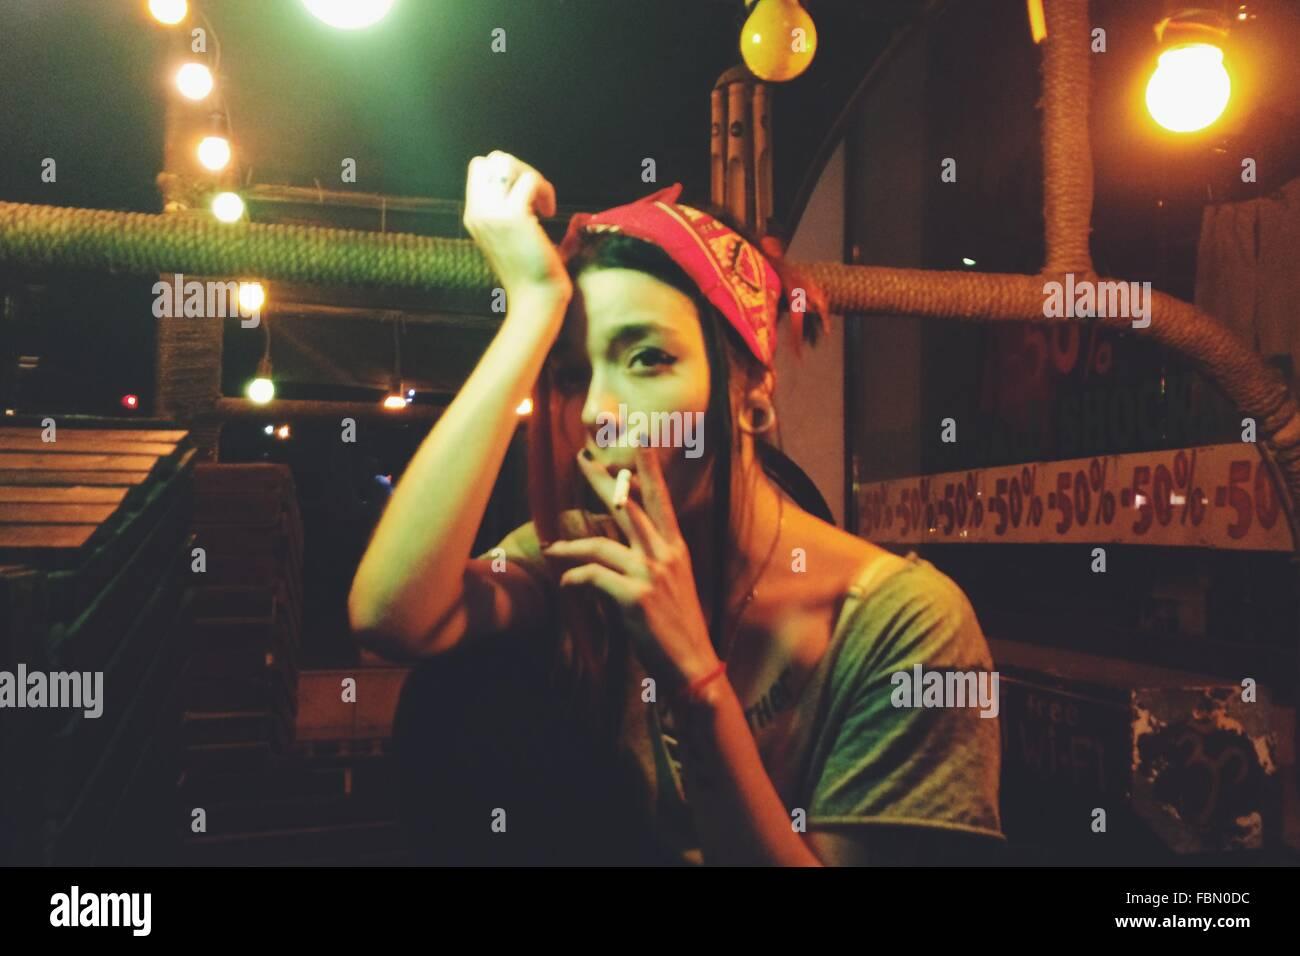 Jeune femme avec la tête dans la fumée tout en étant assis sur un balcon lumineux Photo Stock